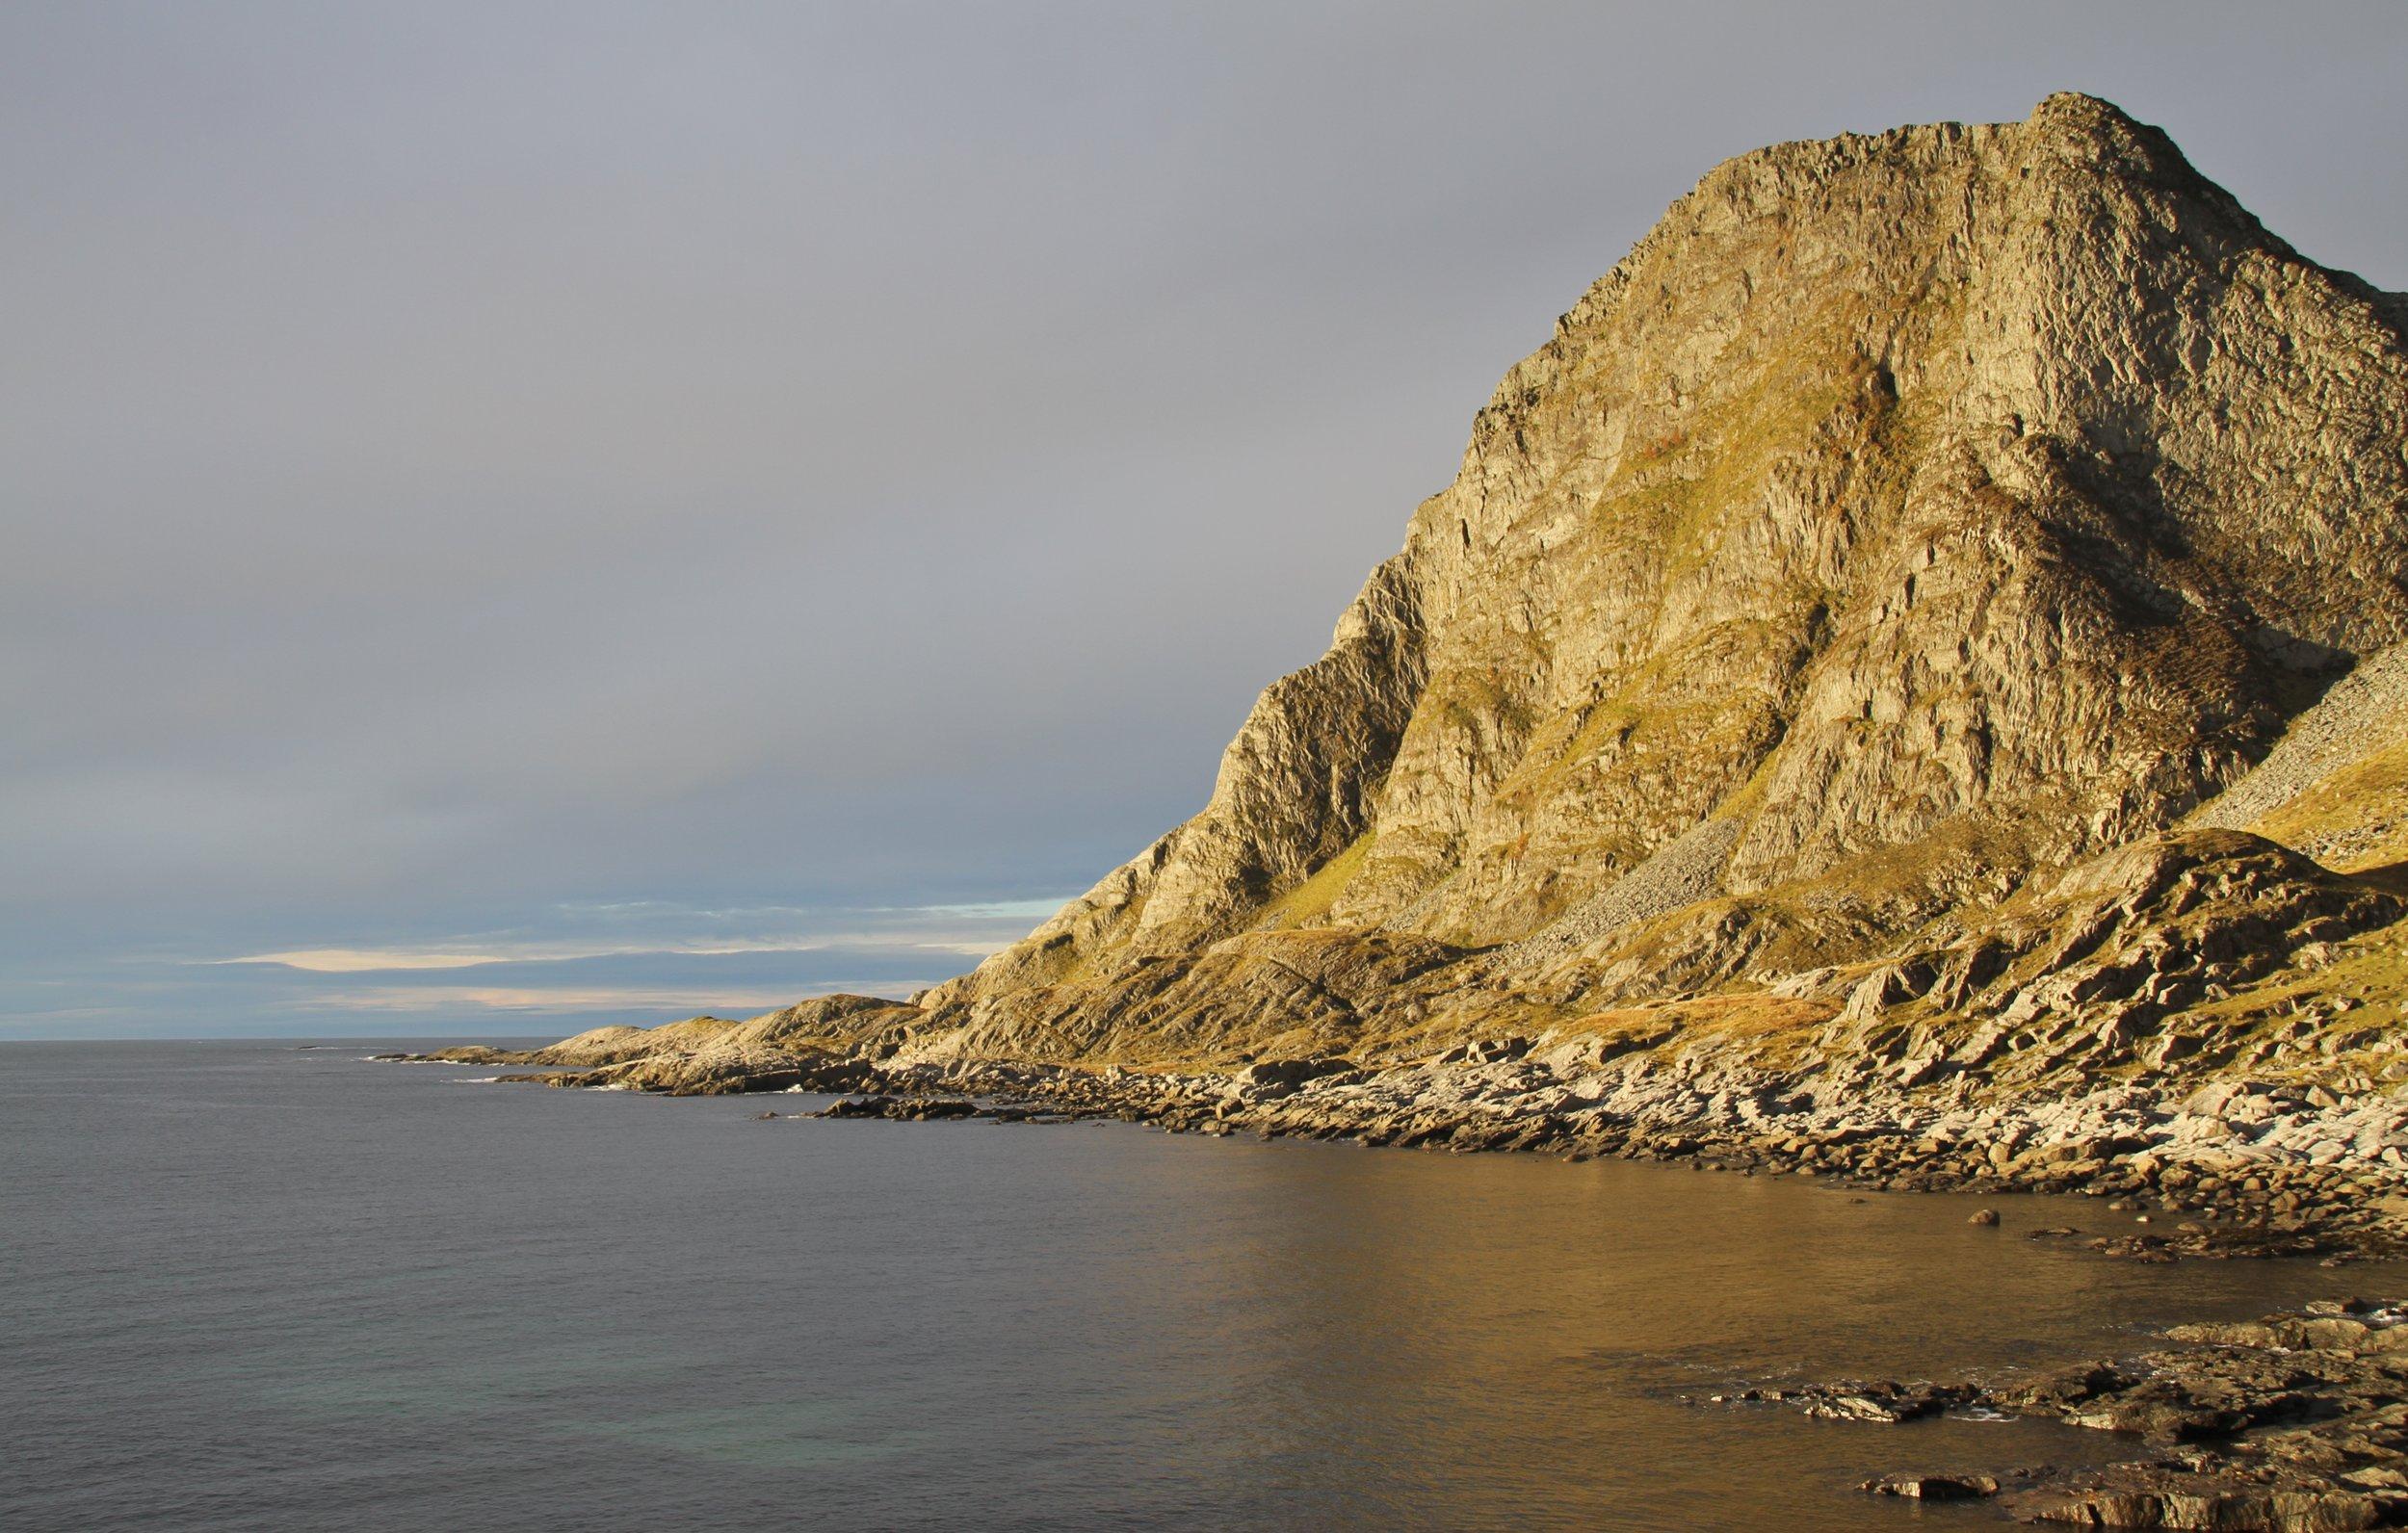 Fjellet Dollsteinen, opninga til hola på venstre side av fjellet. Foto: Martin Hauge-Nilsen